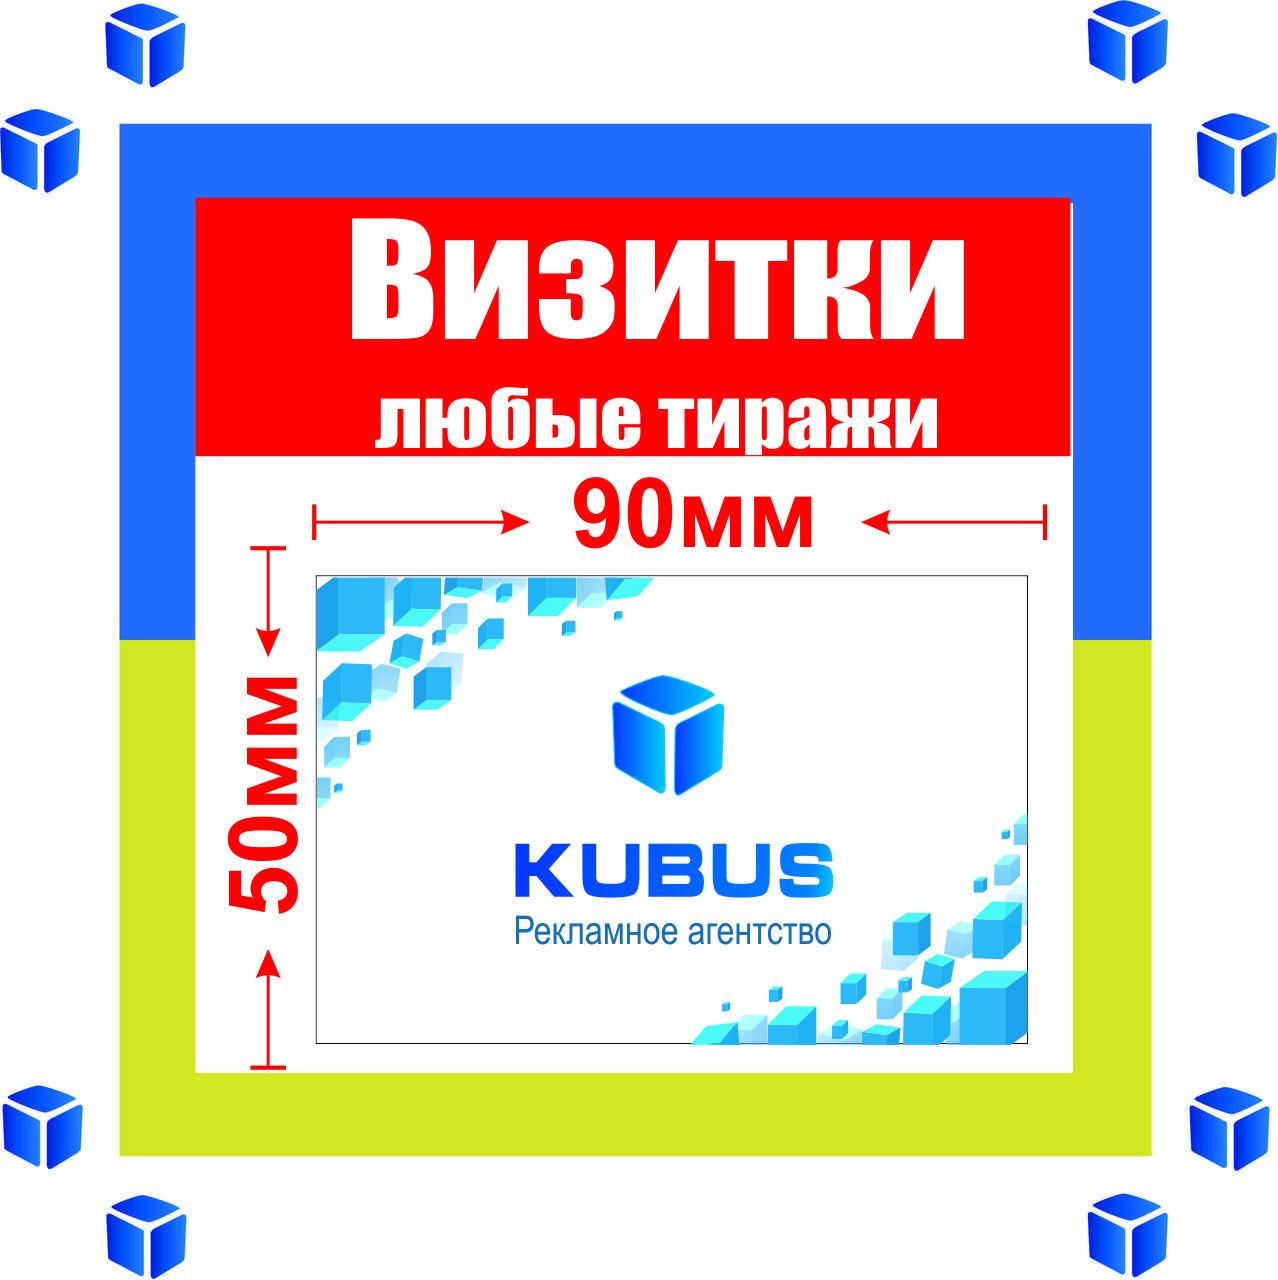 Визитки цветные двухсторонние 1000 шт(любые тиражи, глянцевая ламинация/ 3 дня)